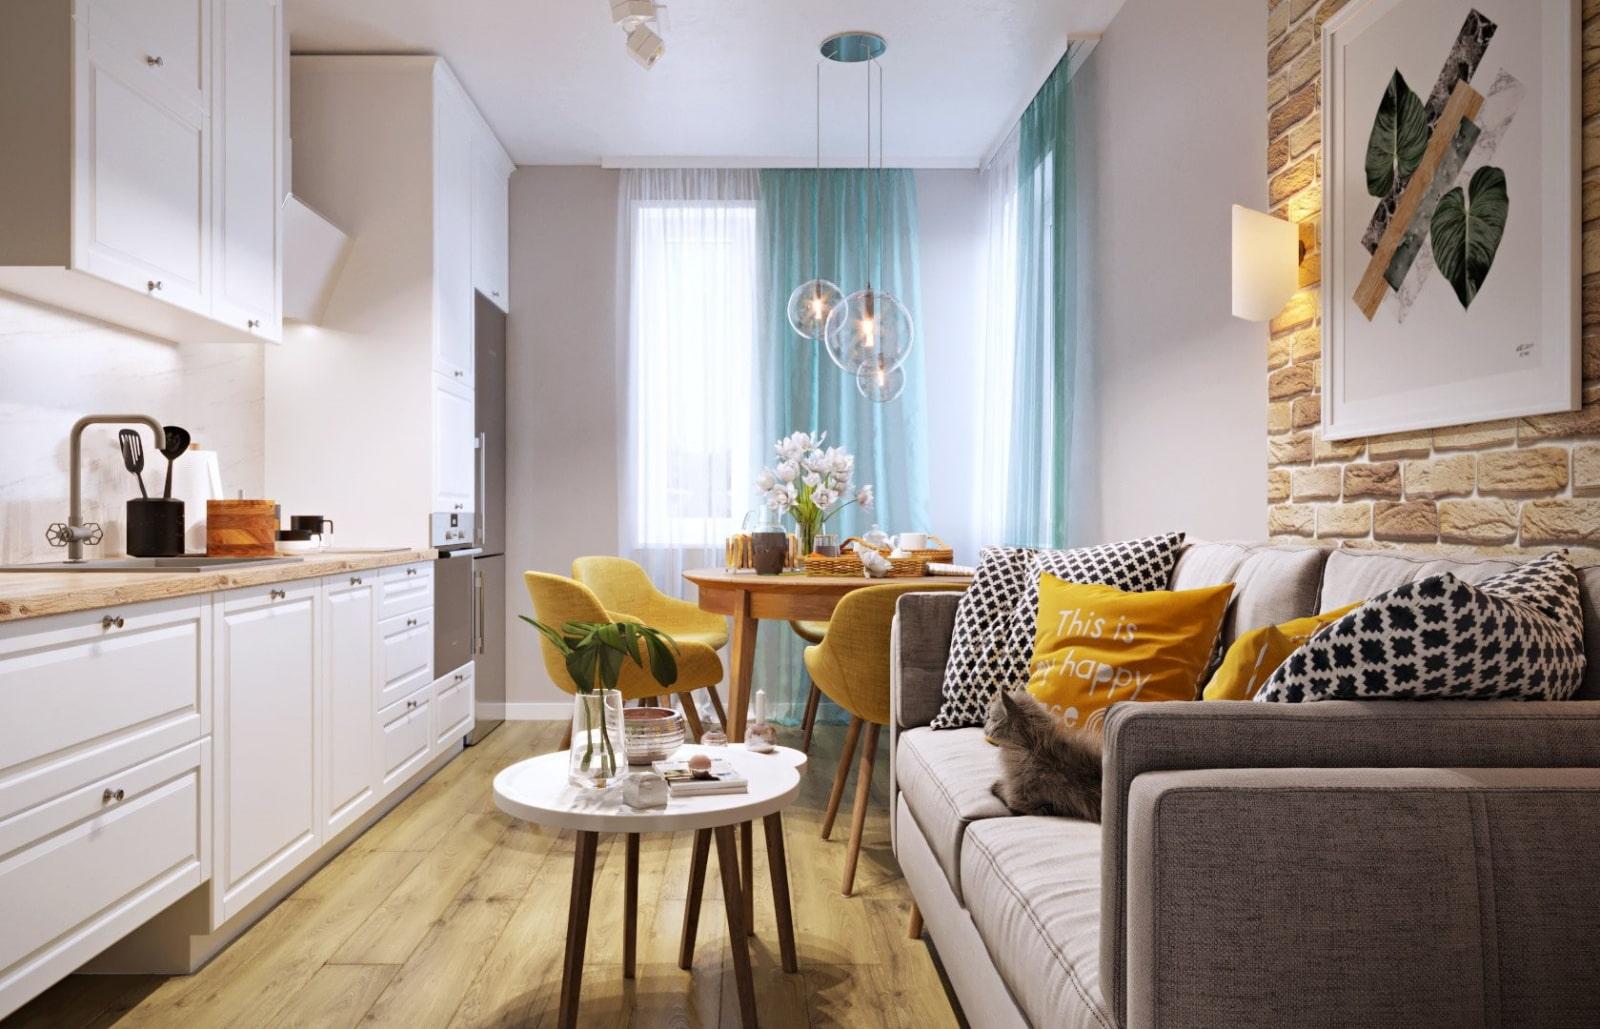 Кухня-гостиная 16 кв. м: дизайн, фото интерьеров, планировка